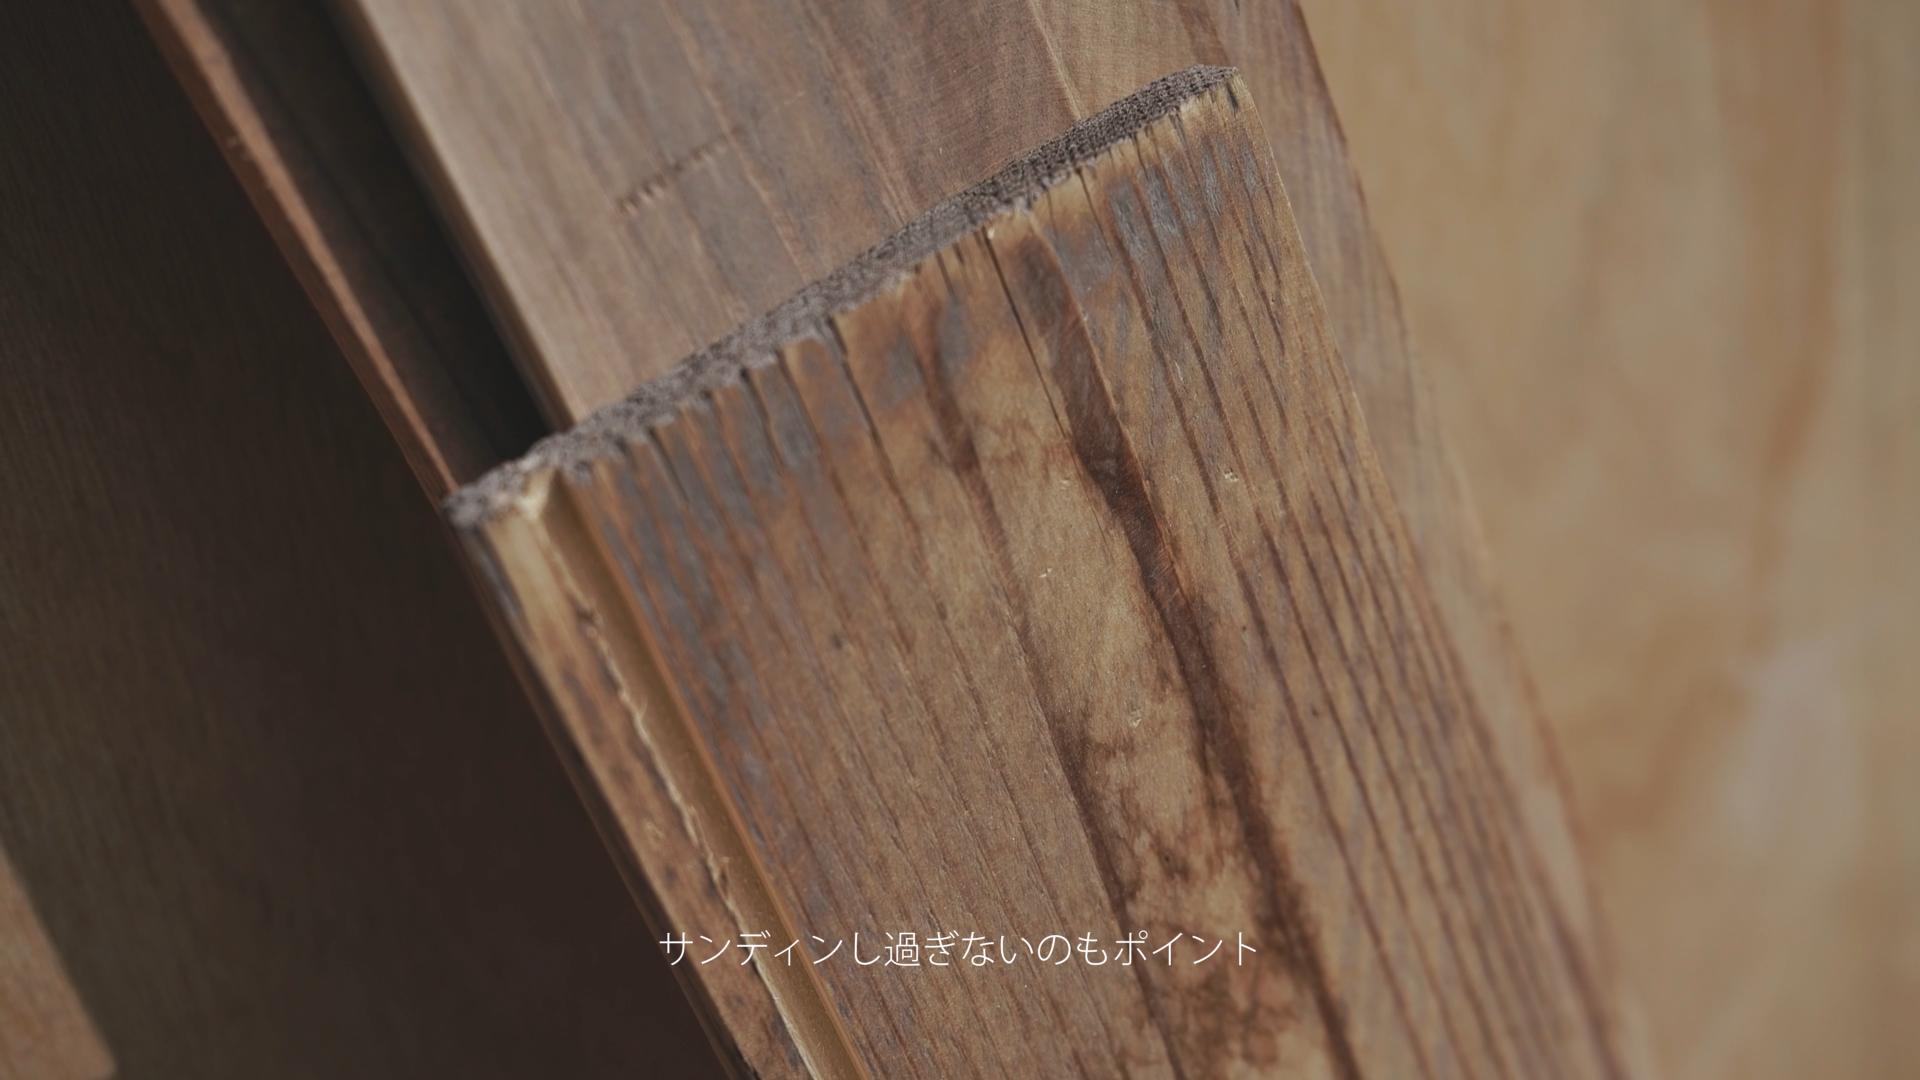 古材仕上げの木材(サンディング済み)